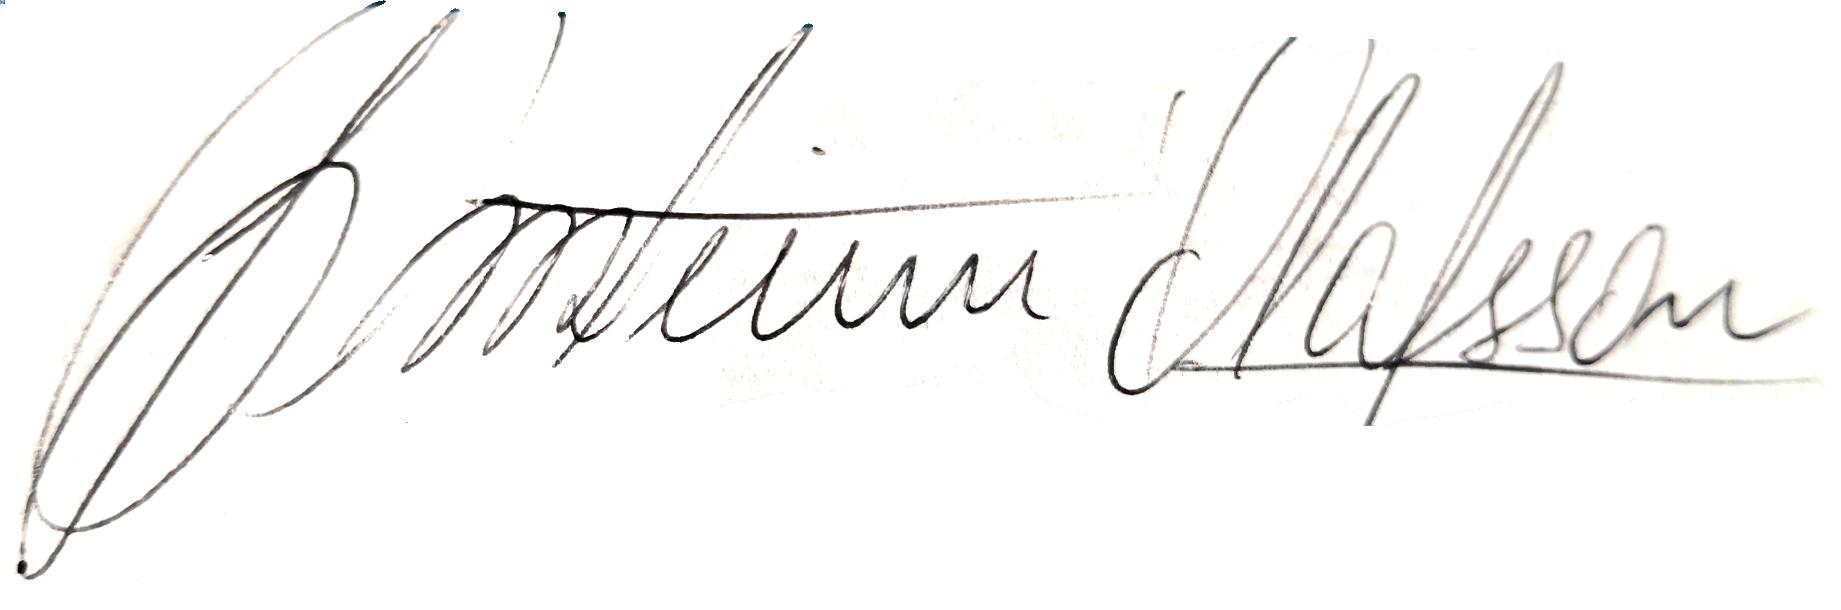 Thorsteinn Ólafsson, signatur